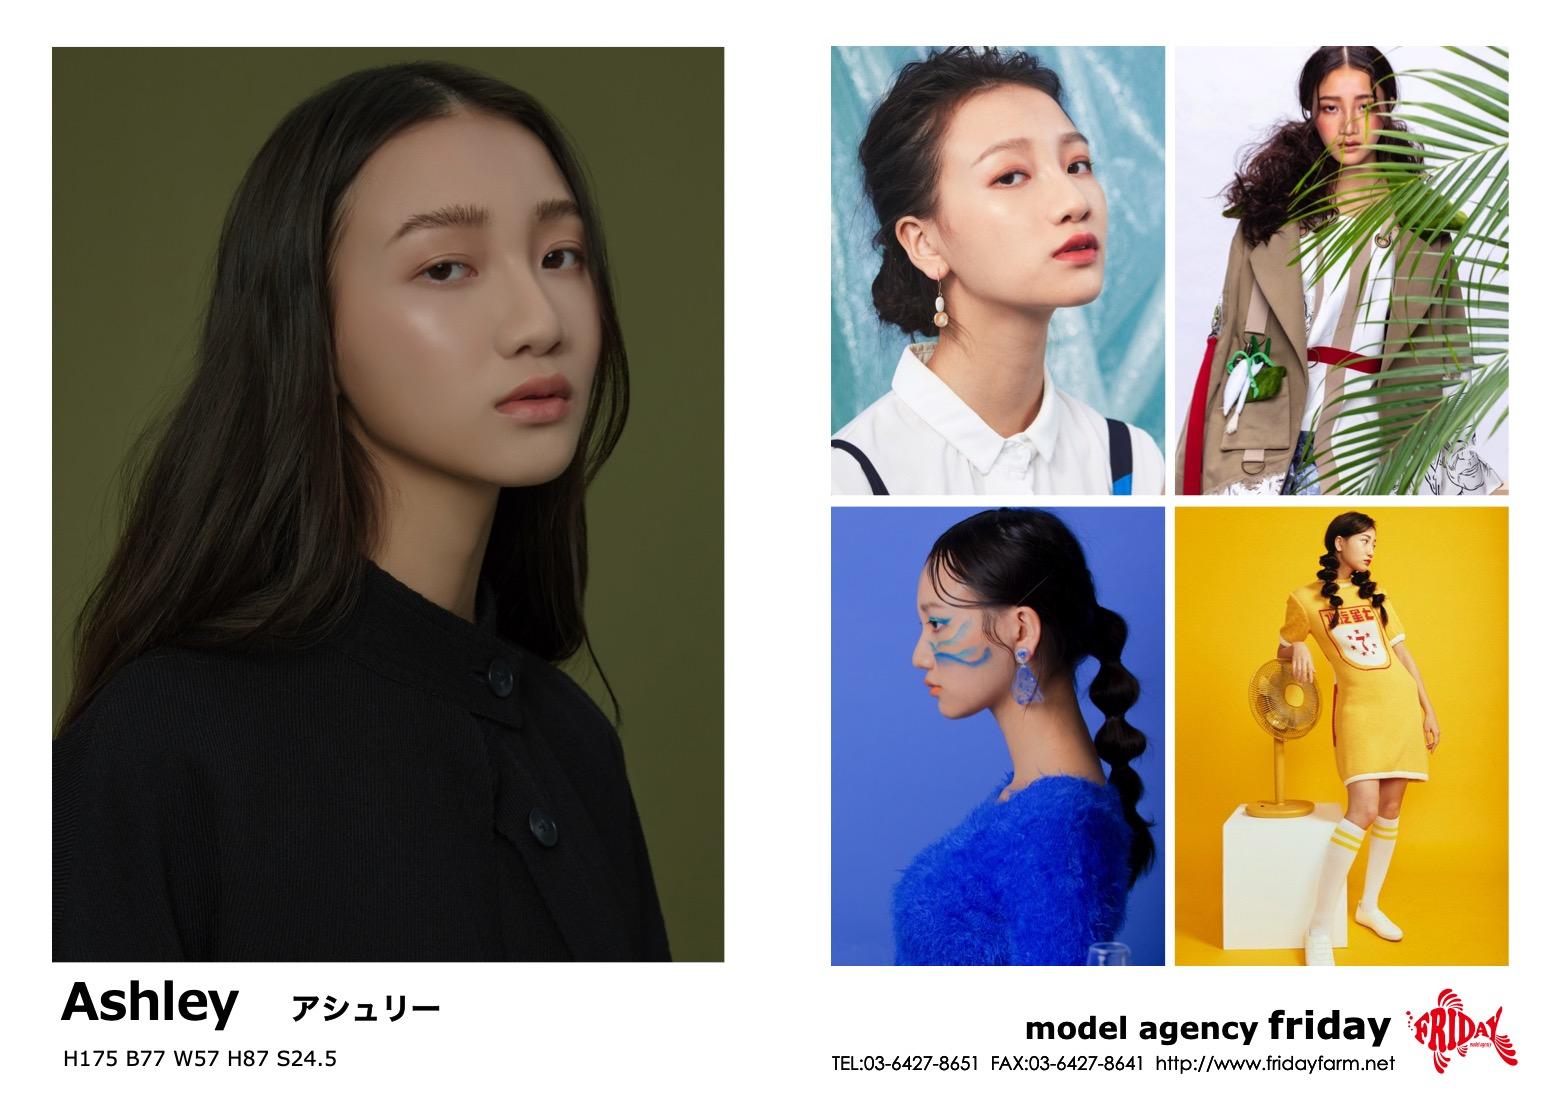 Ashley - アシュリー | model agency friday